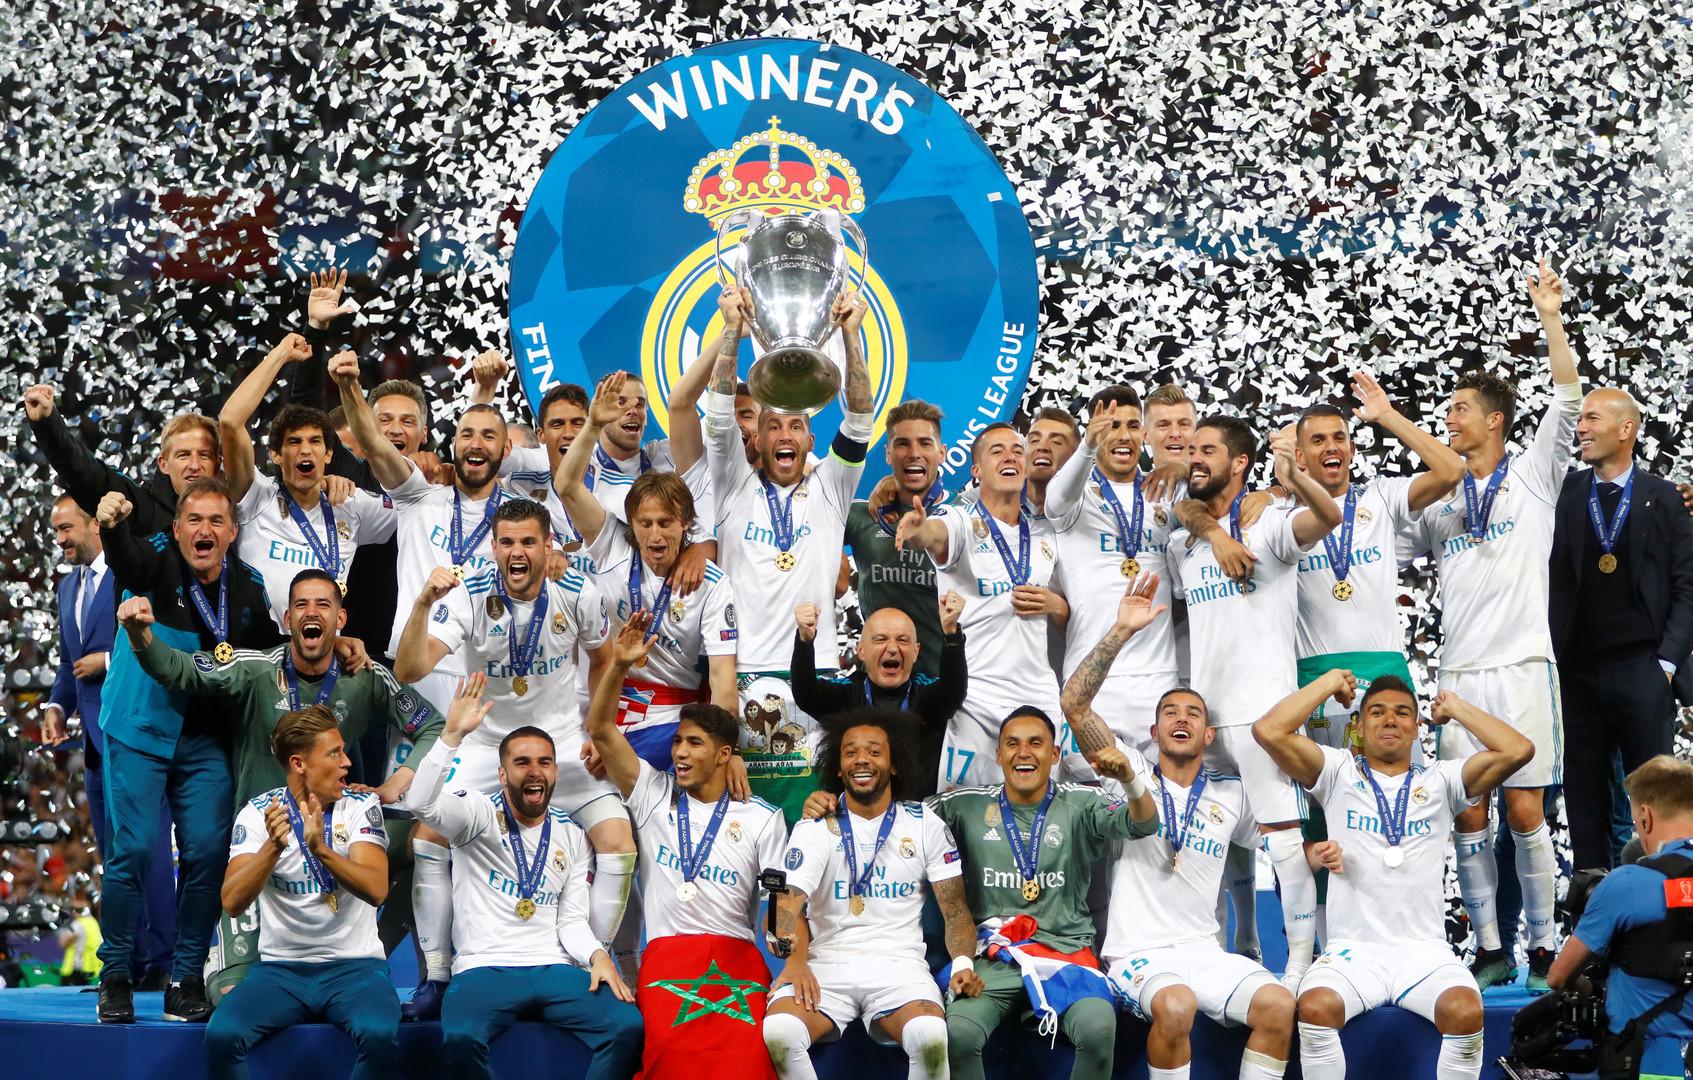 ريال مدريد بطلا للمرة 13 في دوري أبطال أوروبا - RT Arabic